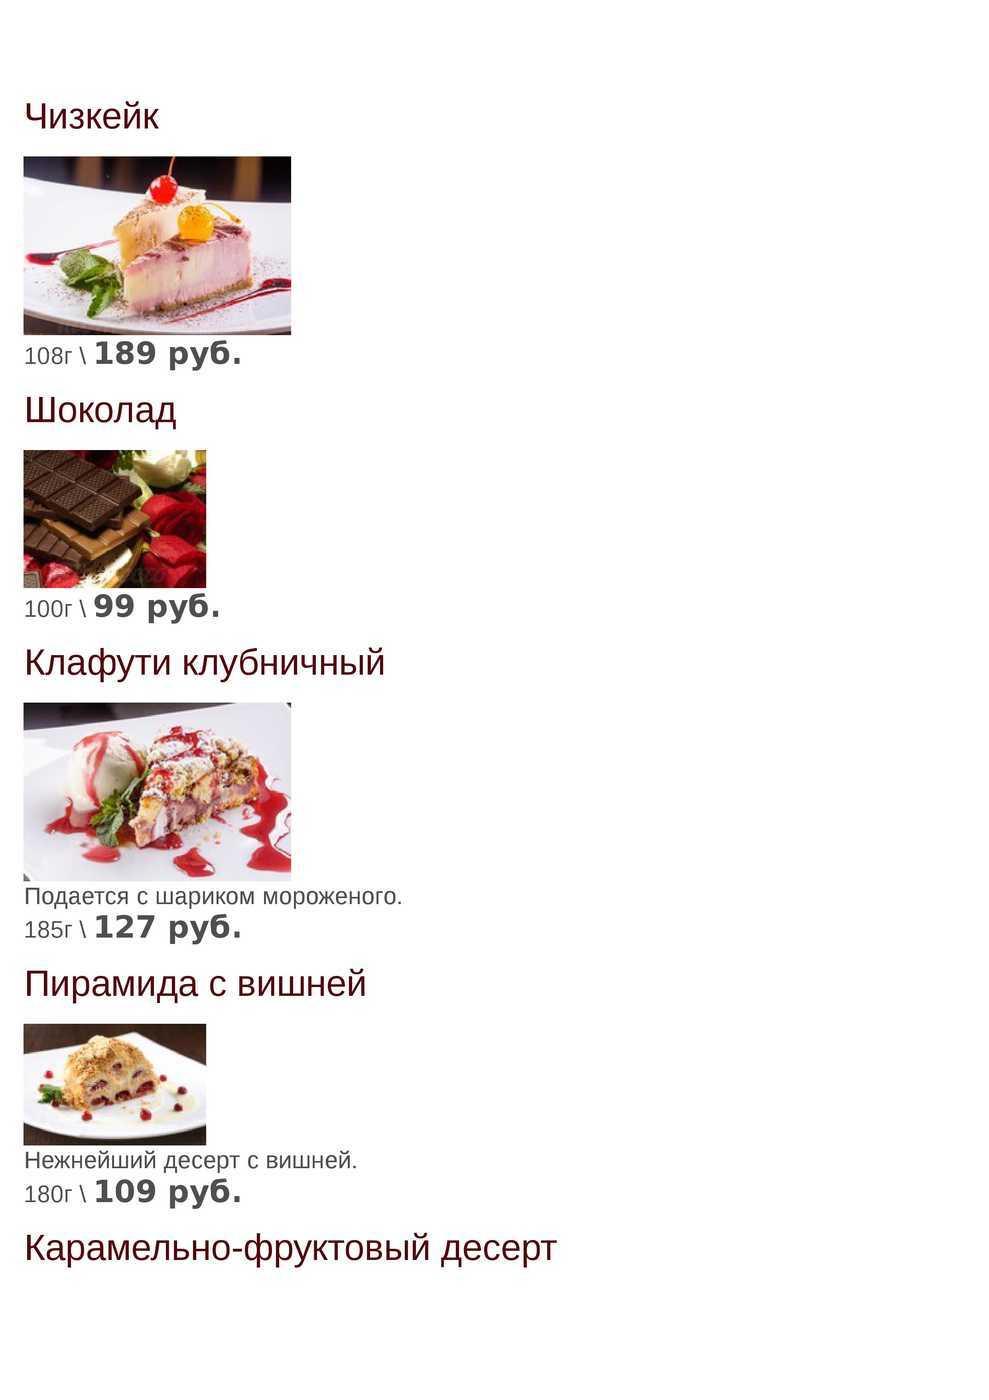 Меню кафе Ермак на проспекте имени газеты Красноярский Рабочий фото 24